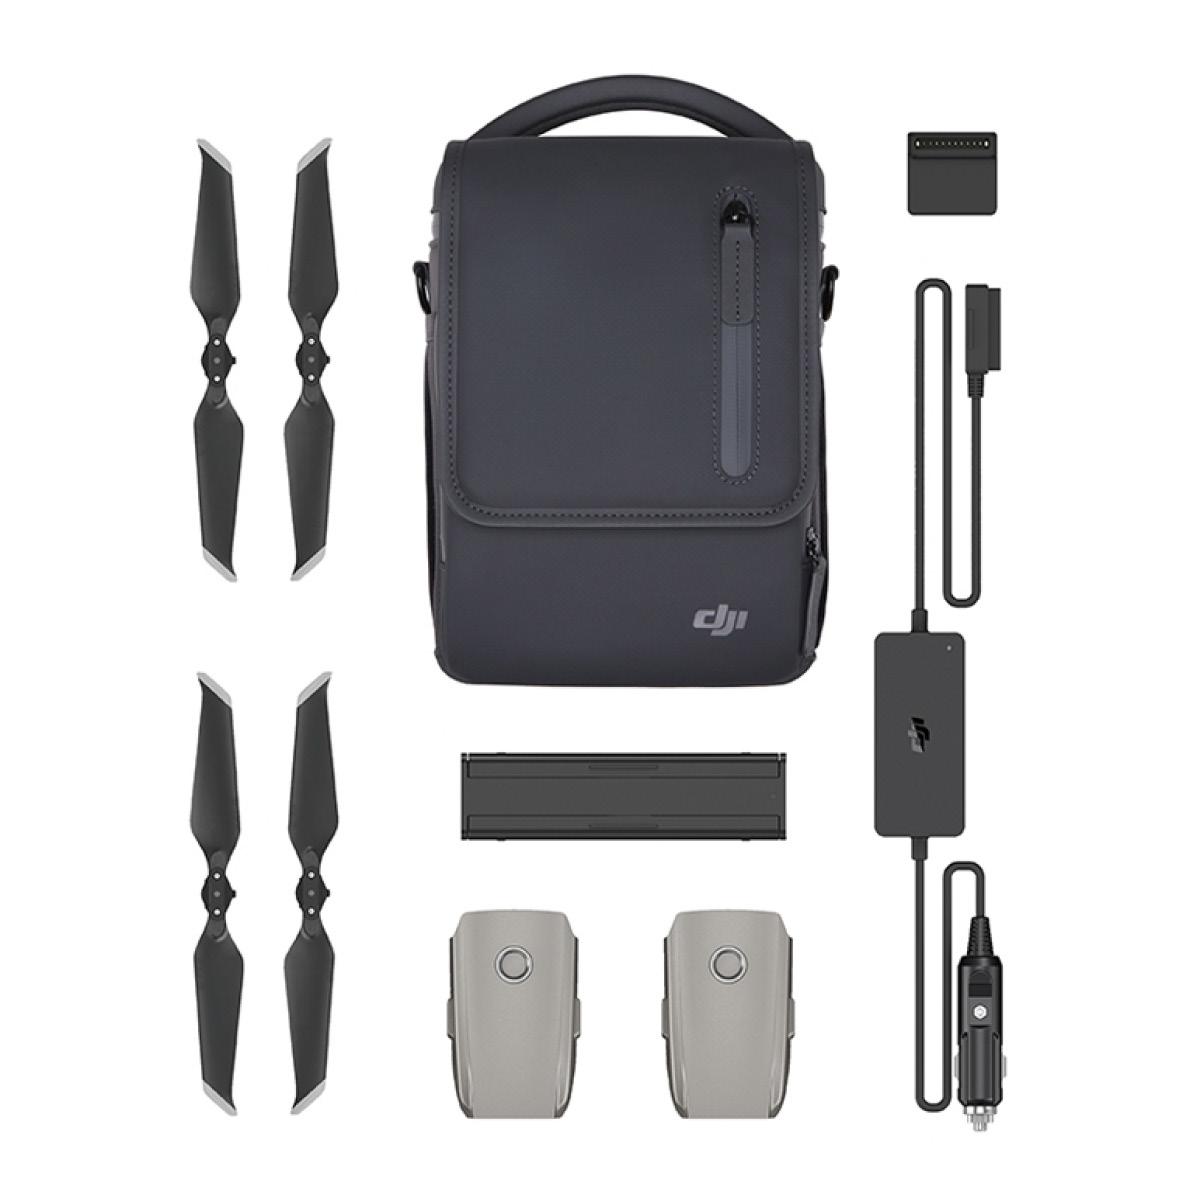 DJI Fly More Kit Mavic 2 Pro